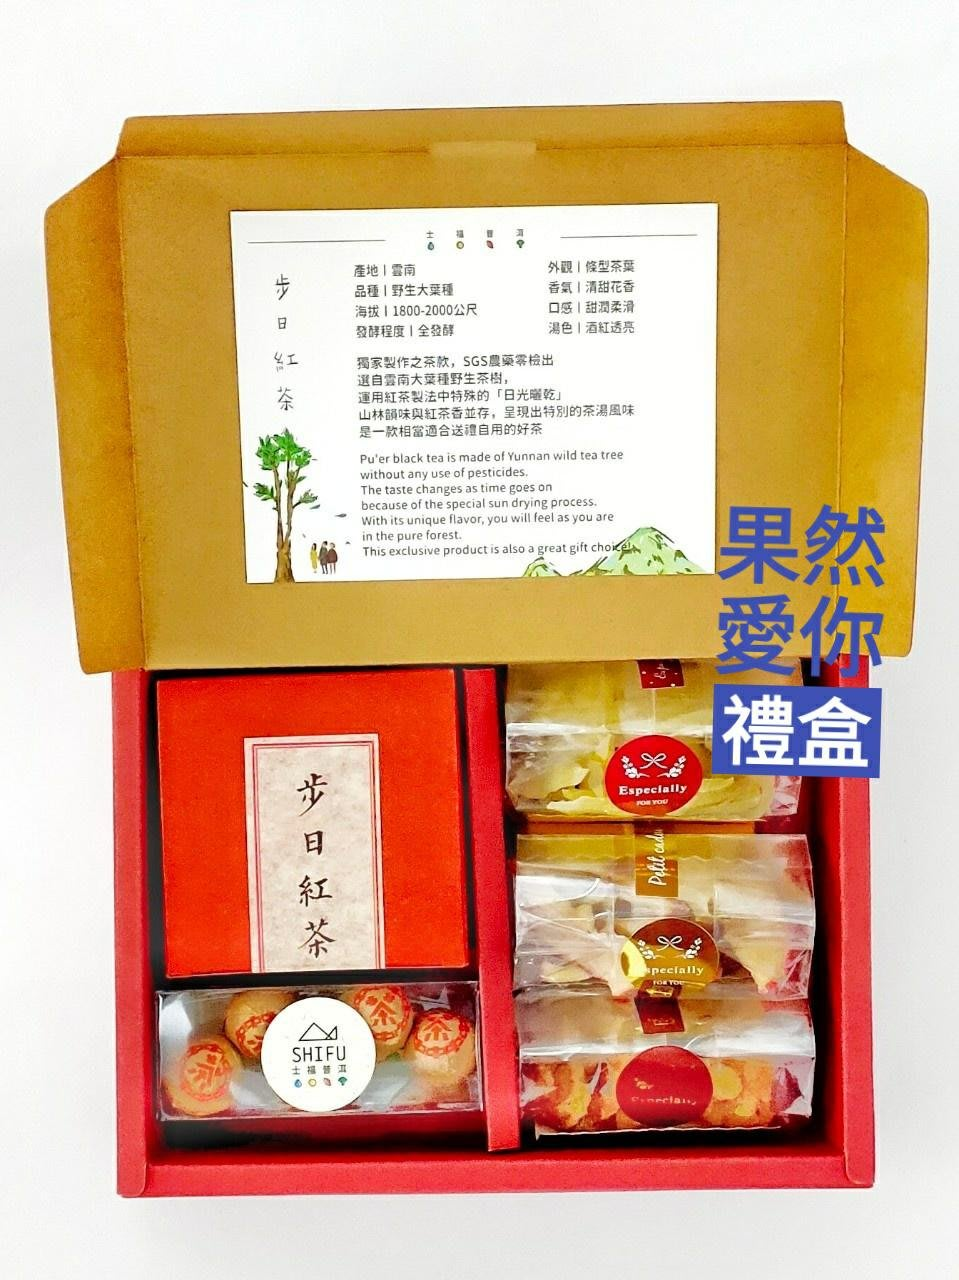 【尋茶趣】新推出~果然愛你~茶禮盒 端午節禮盒 中秋節禮盒   過年禮盒 婚禮禮盒